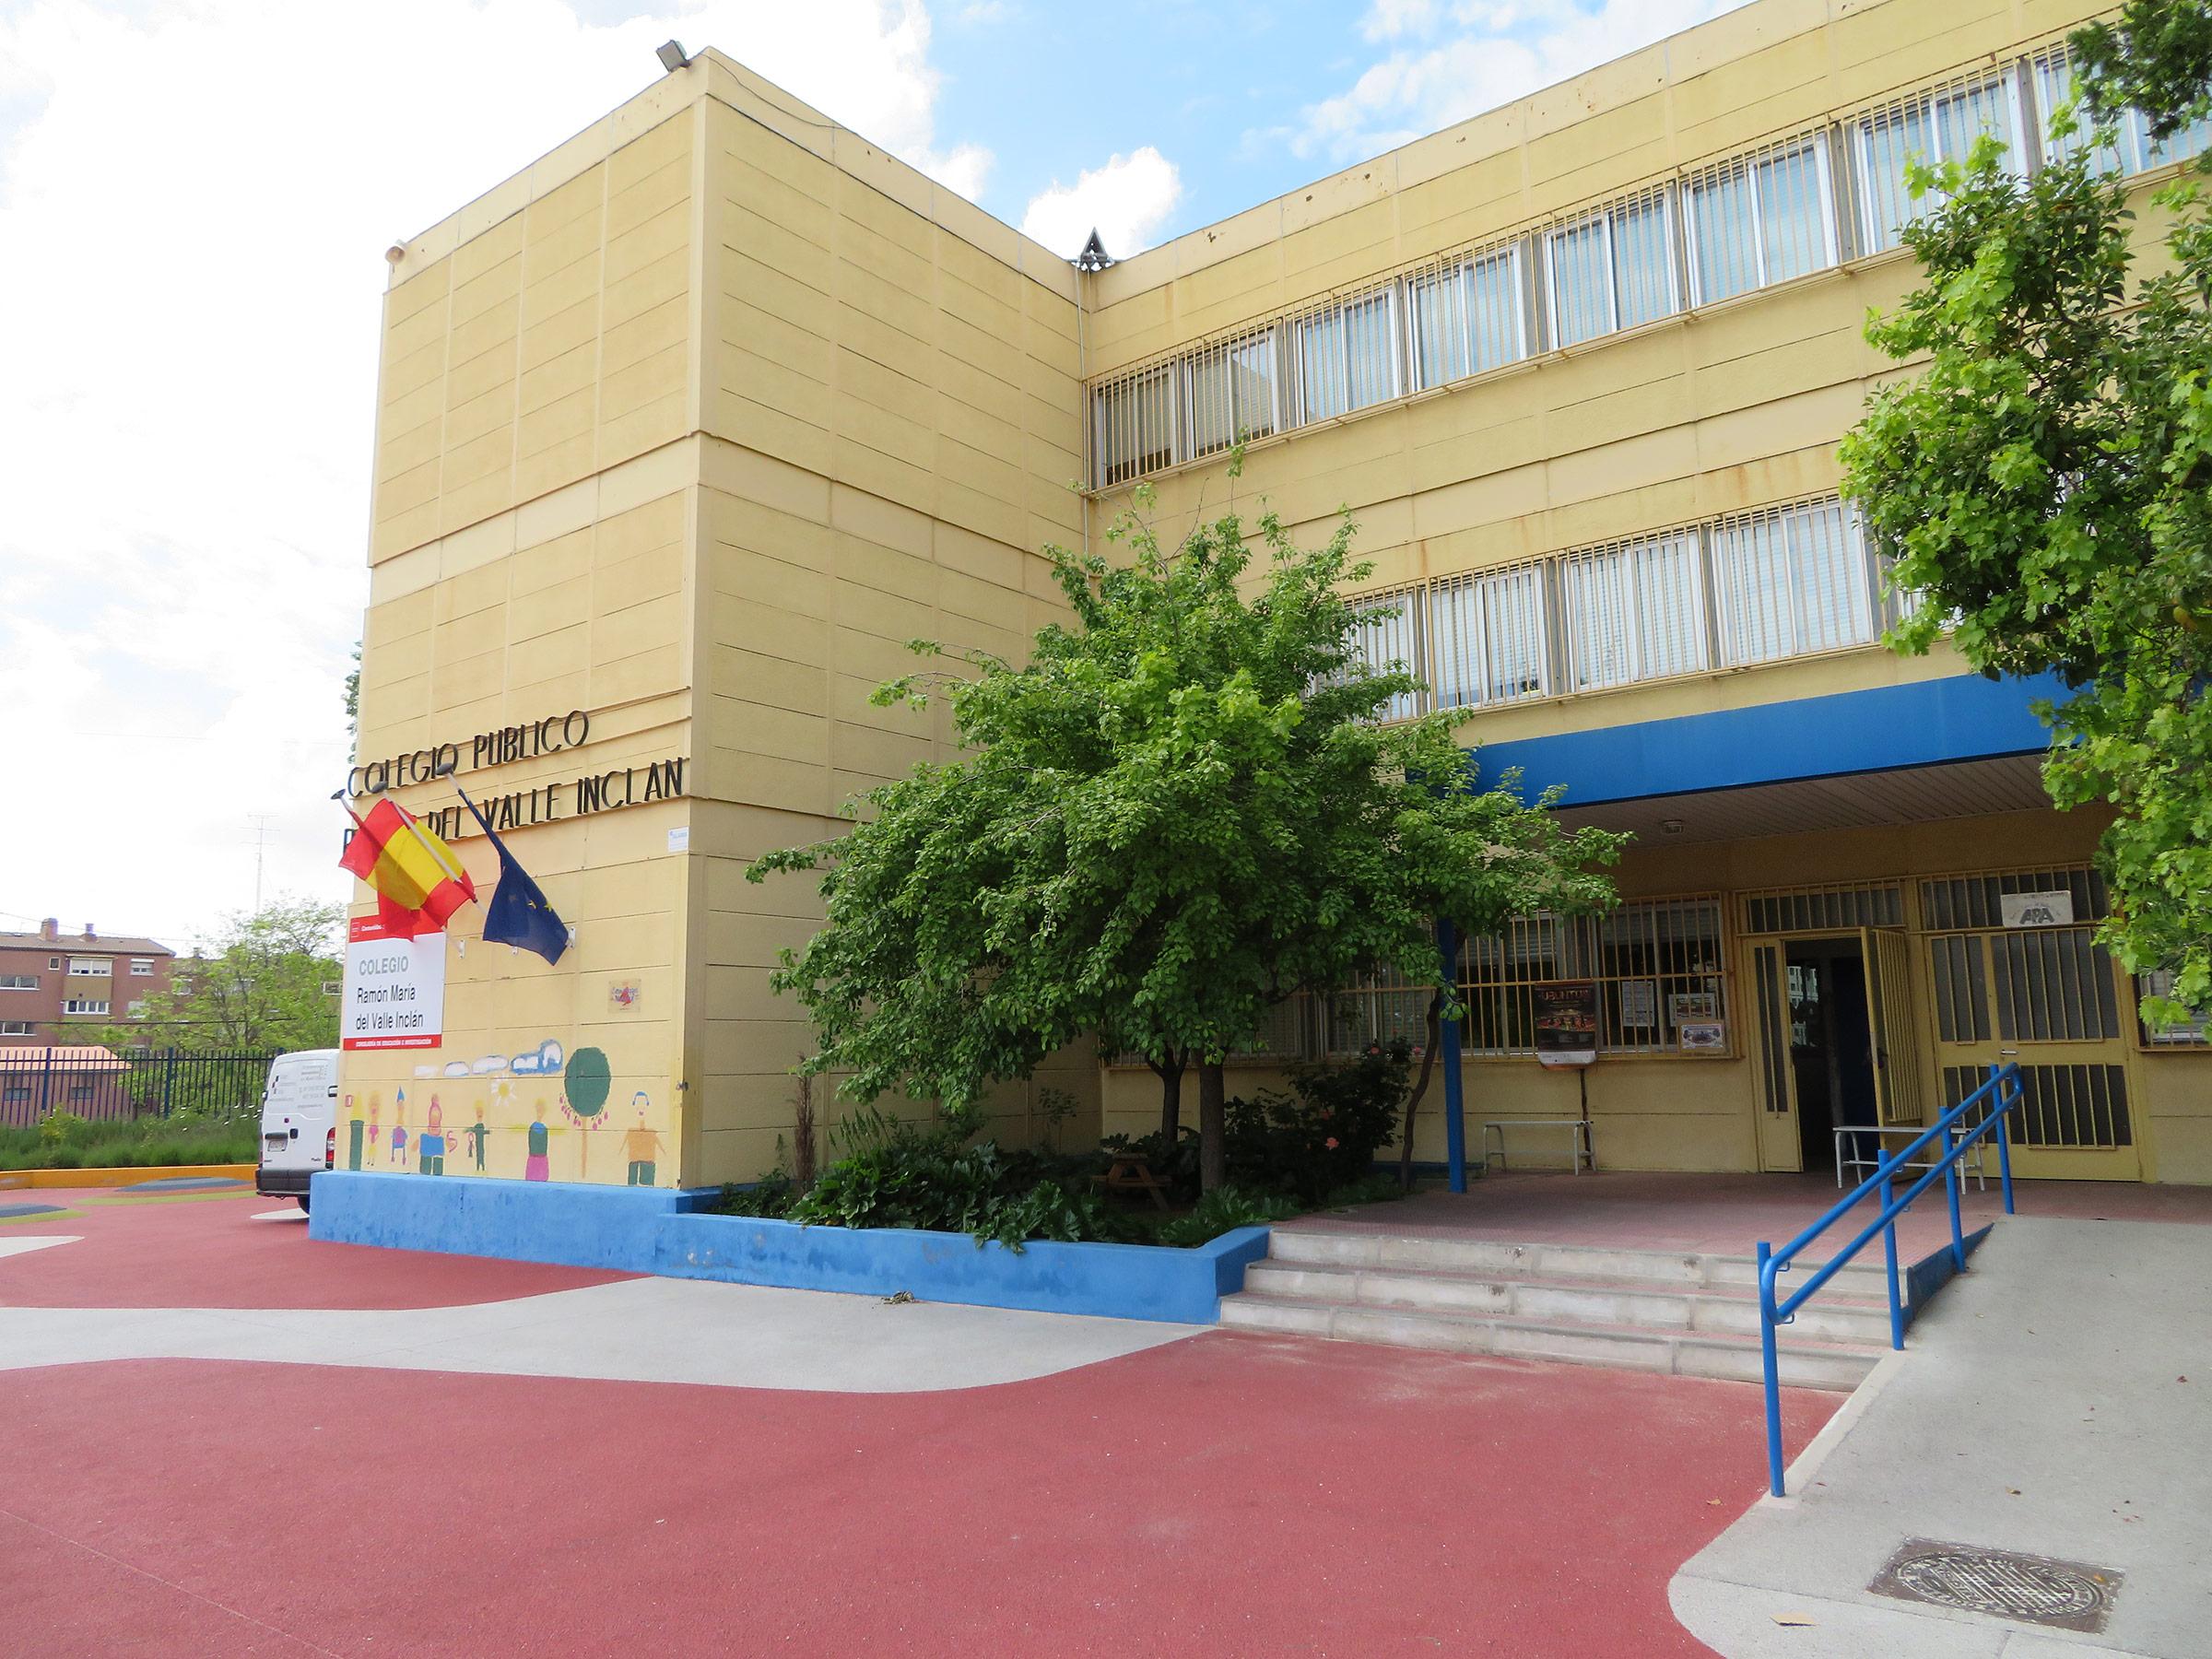 El colegio Valle Inclán se abre martes y viernes para la entrega de comida